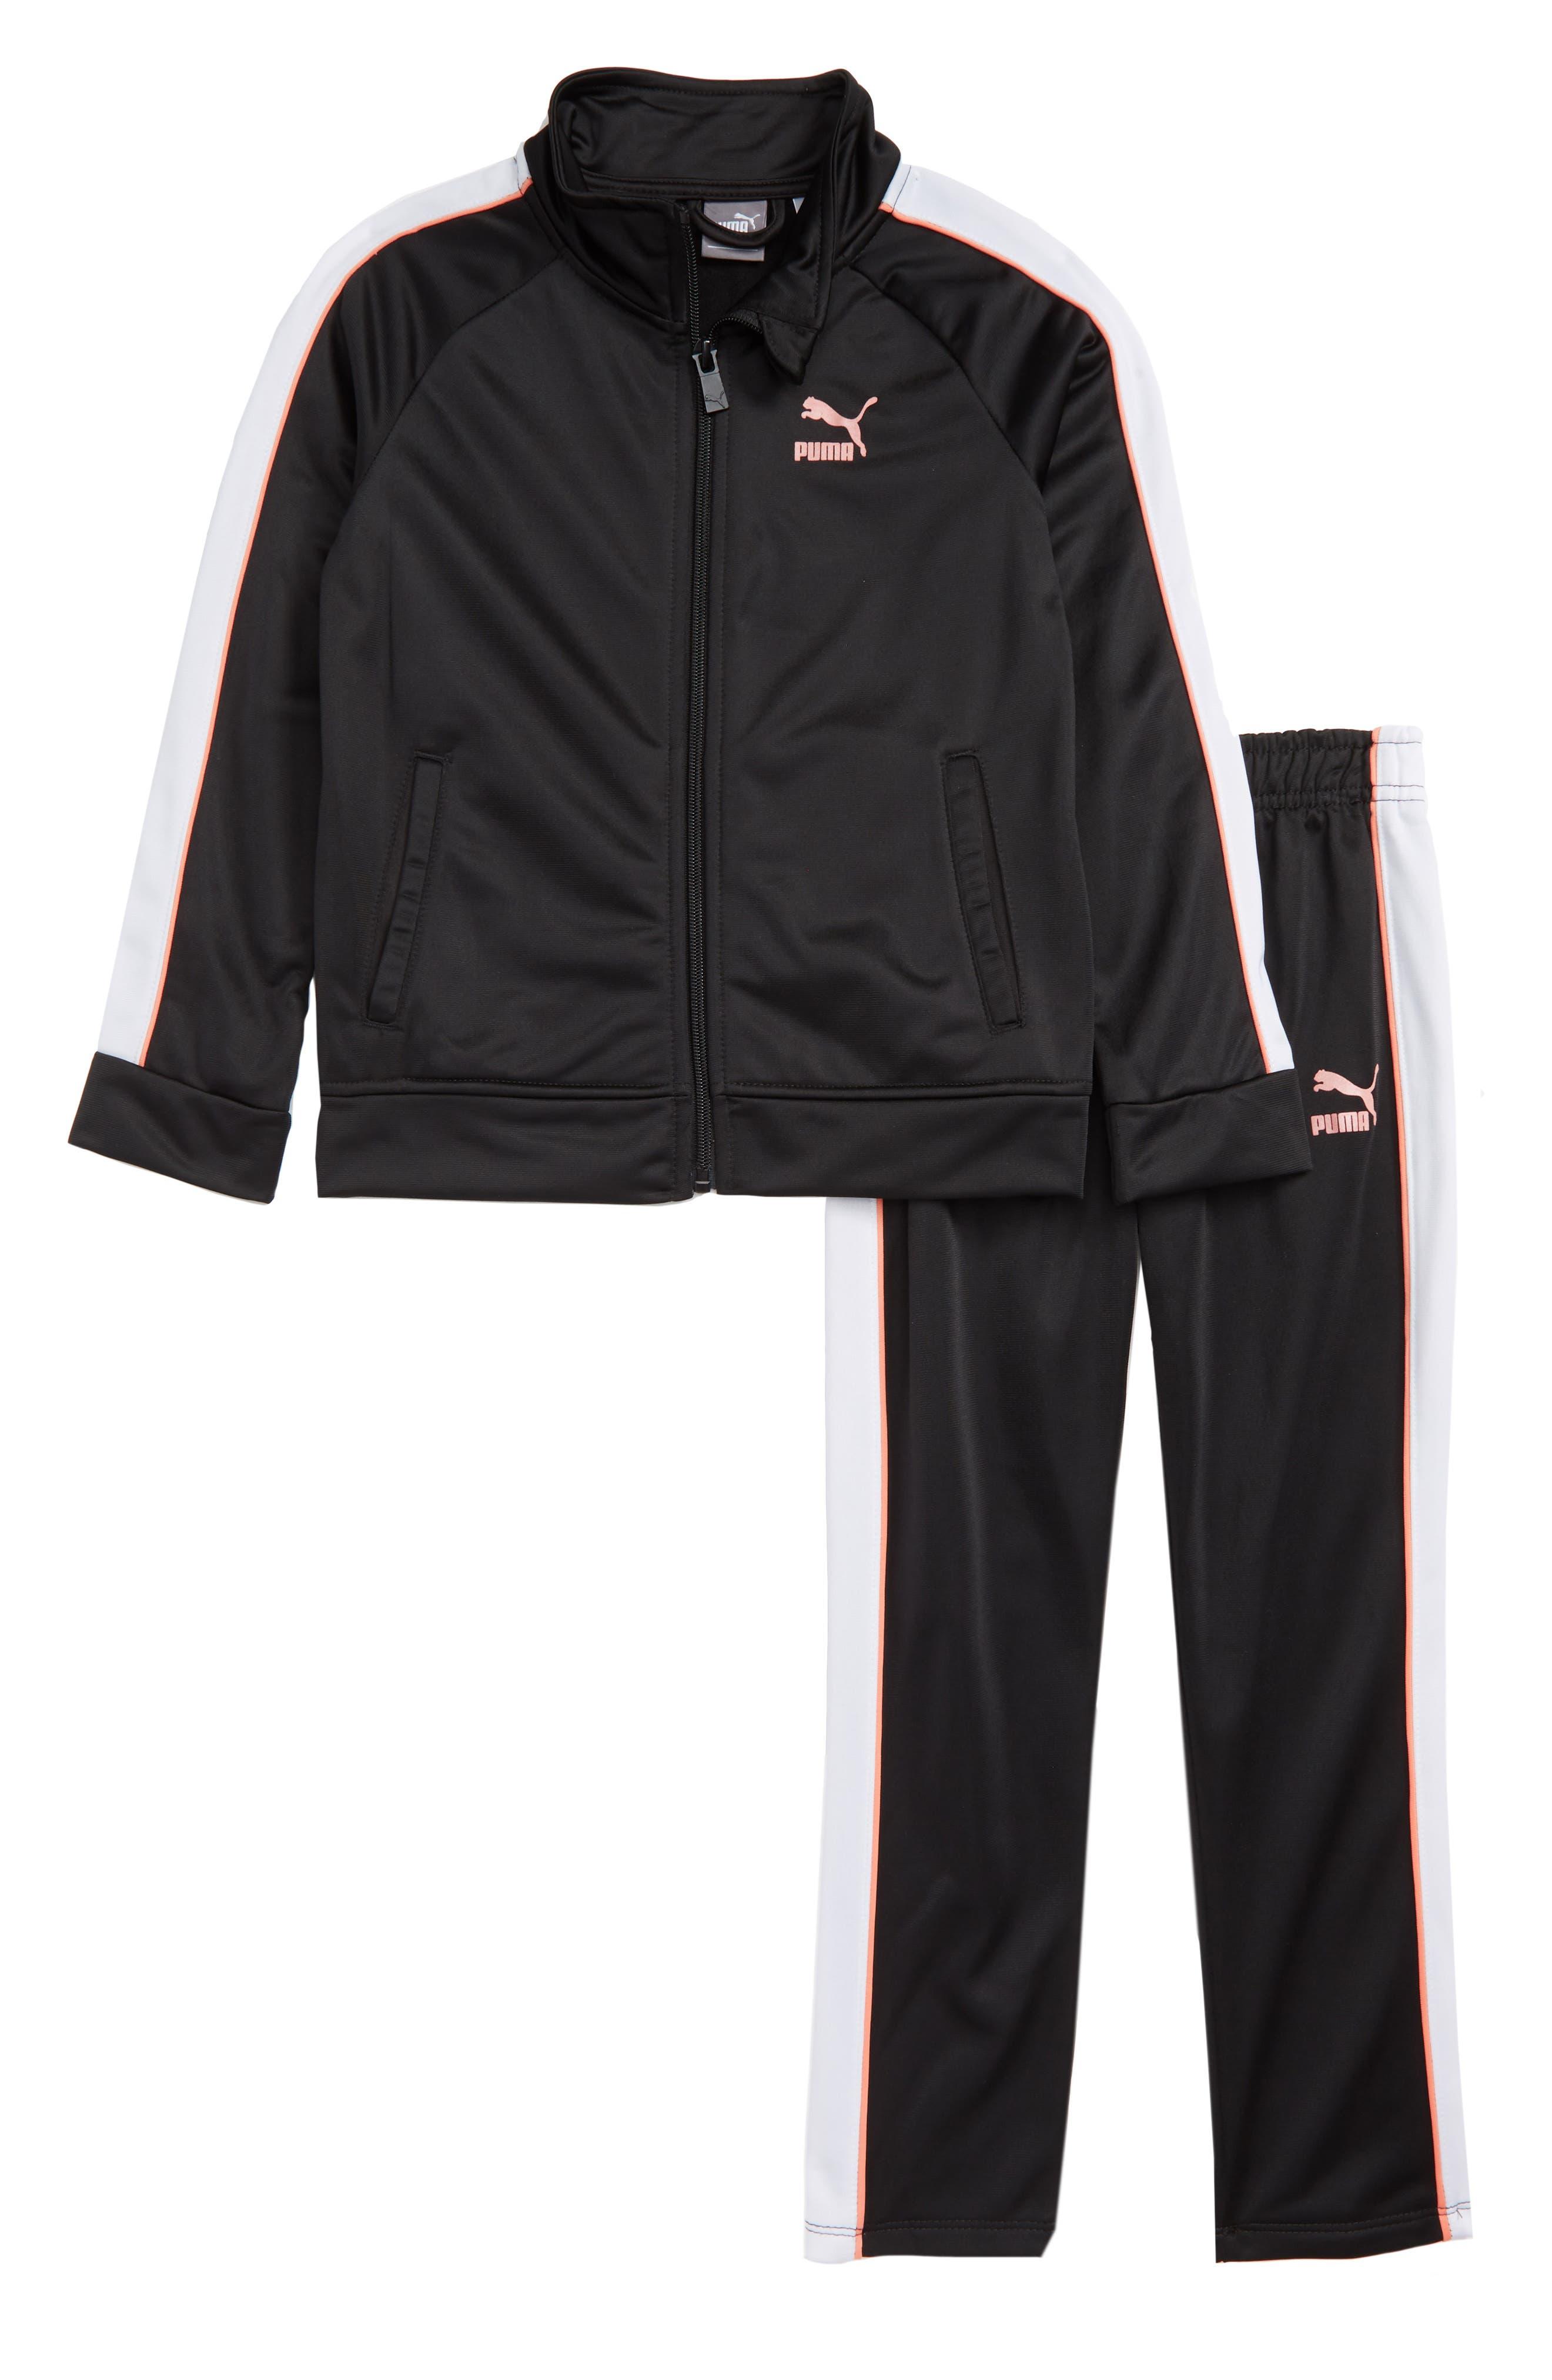 Track Jacket and Pant Set,                             Main thumbnail 1, color,                             PUMA BLACK